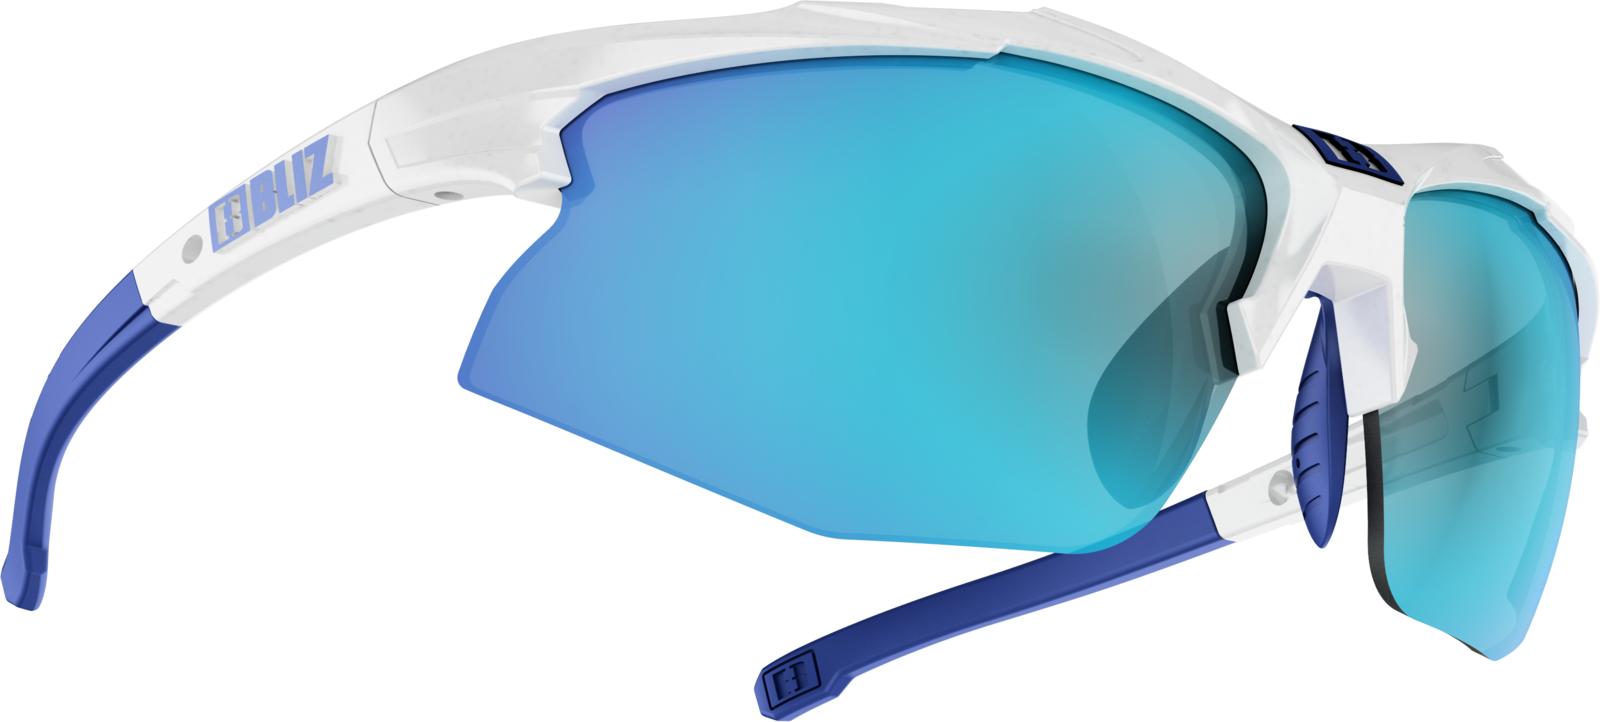 Очки спортивные Bliz Hybrid, для беговых лыж, велоспорта, цвет: белый